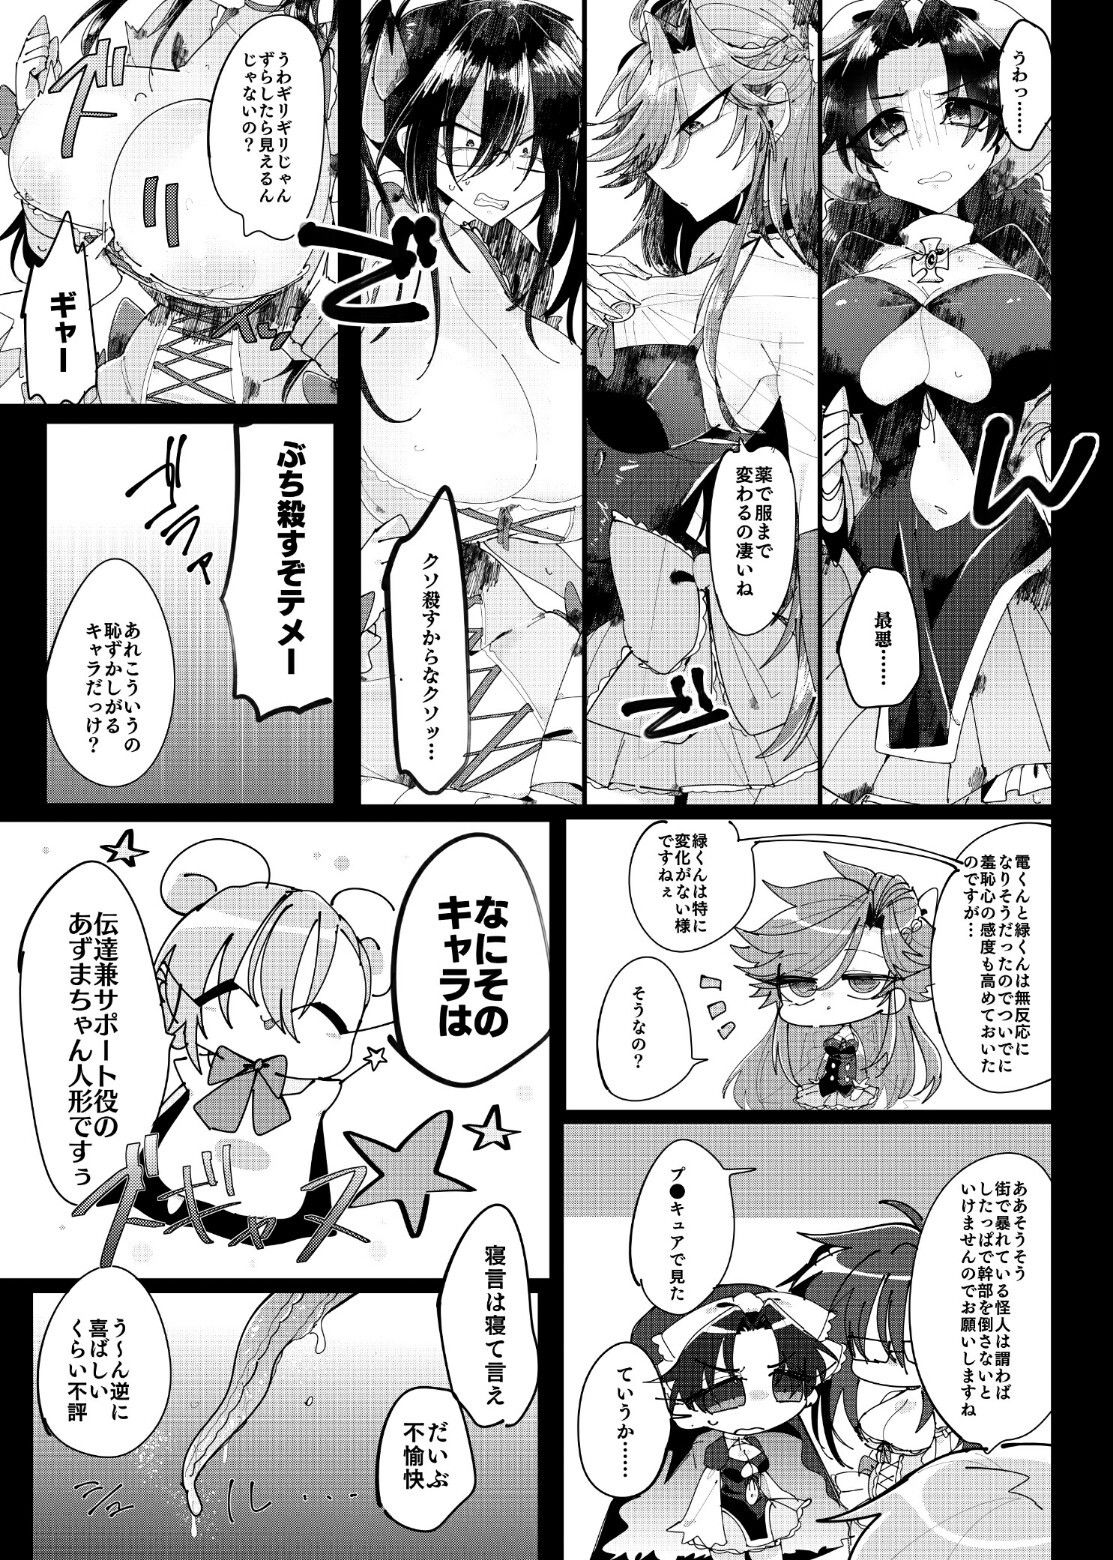 ふた妹×兄 〜魔法少女編〜